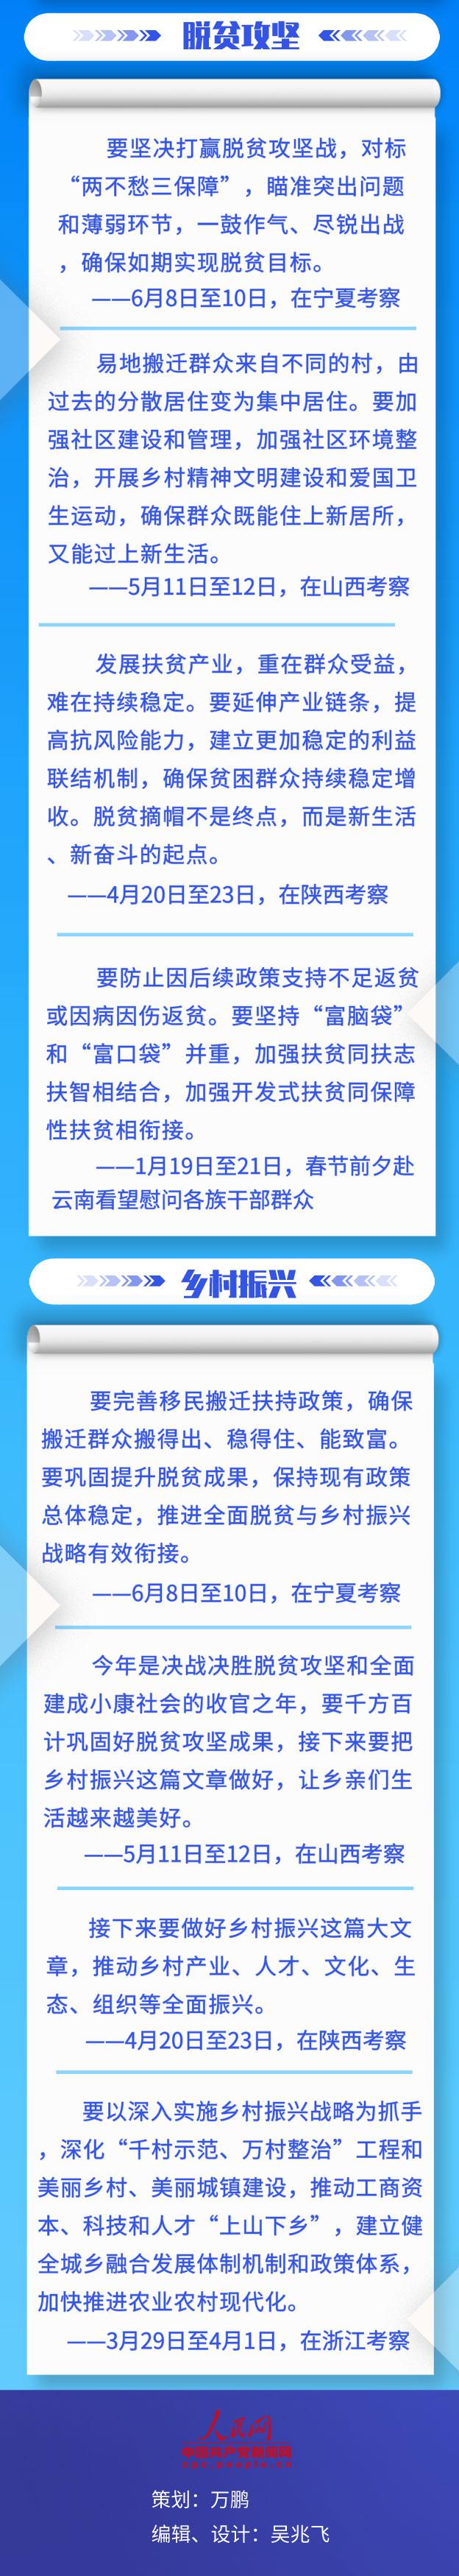 """《【华宇娱乐首页】战""""疫""""时刻如何抓民生 习近平总书记这样叮嘱》"""